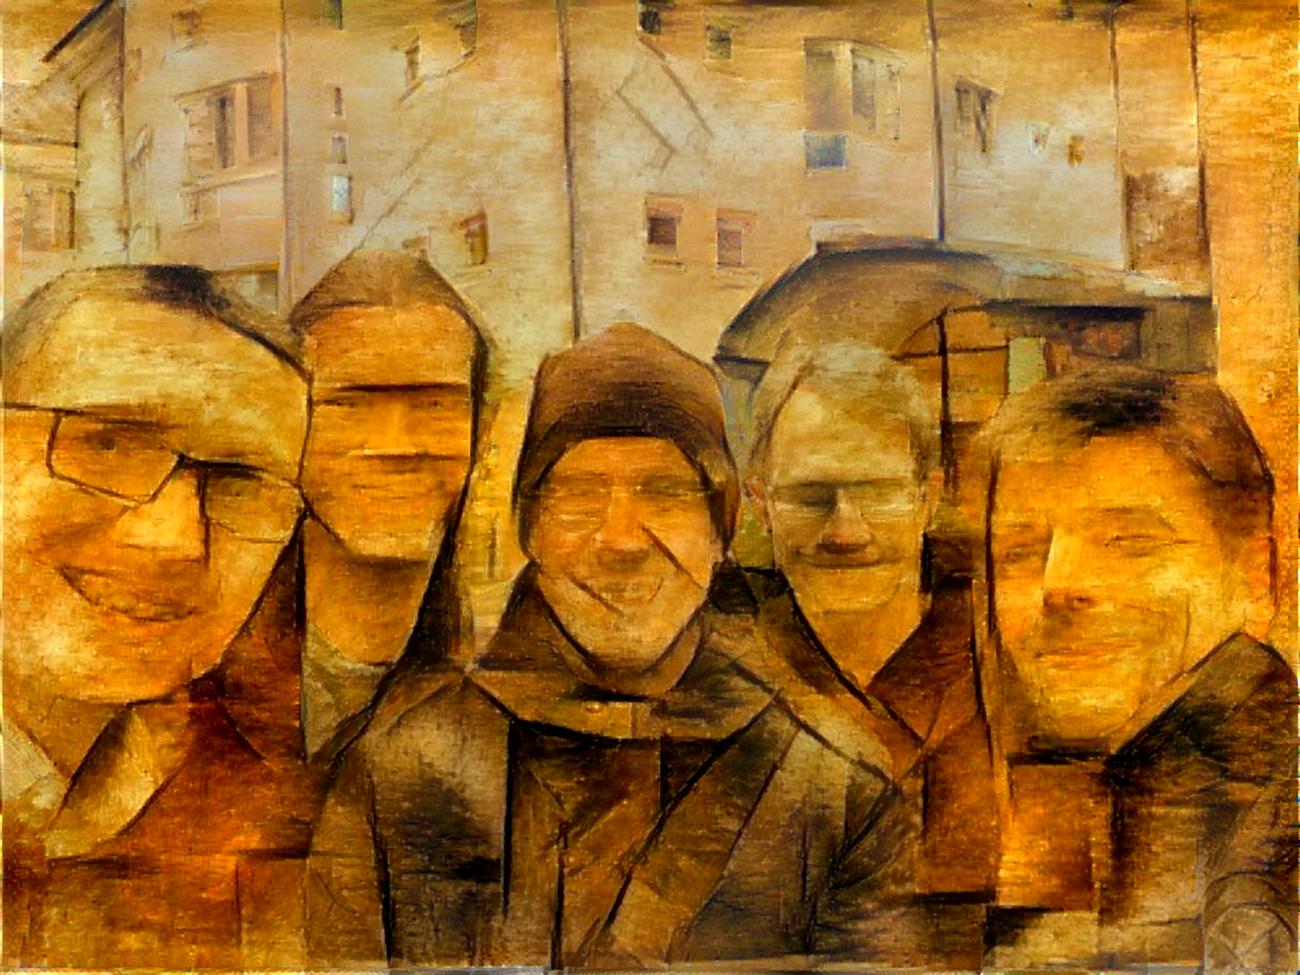 Die fünf Gründer im Deepart-Stil: vomMatthias Bethge Alex Ecker Leon Gatys Łukasz Kidziński Michał Warchoł